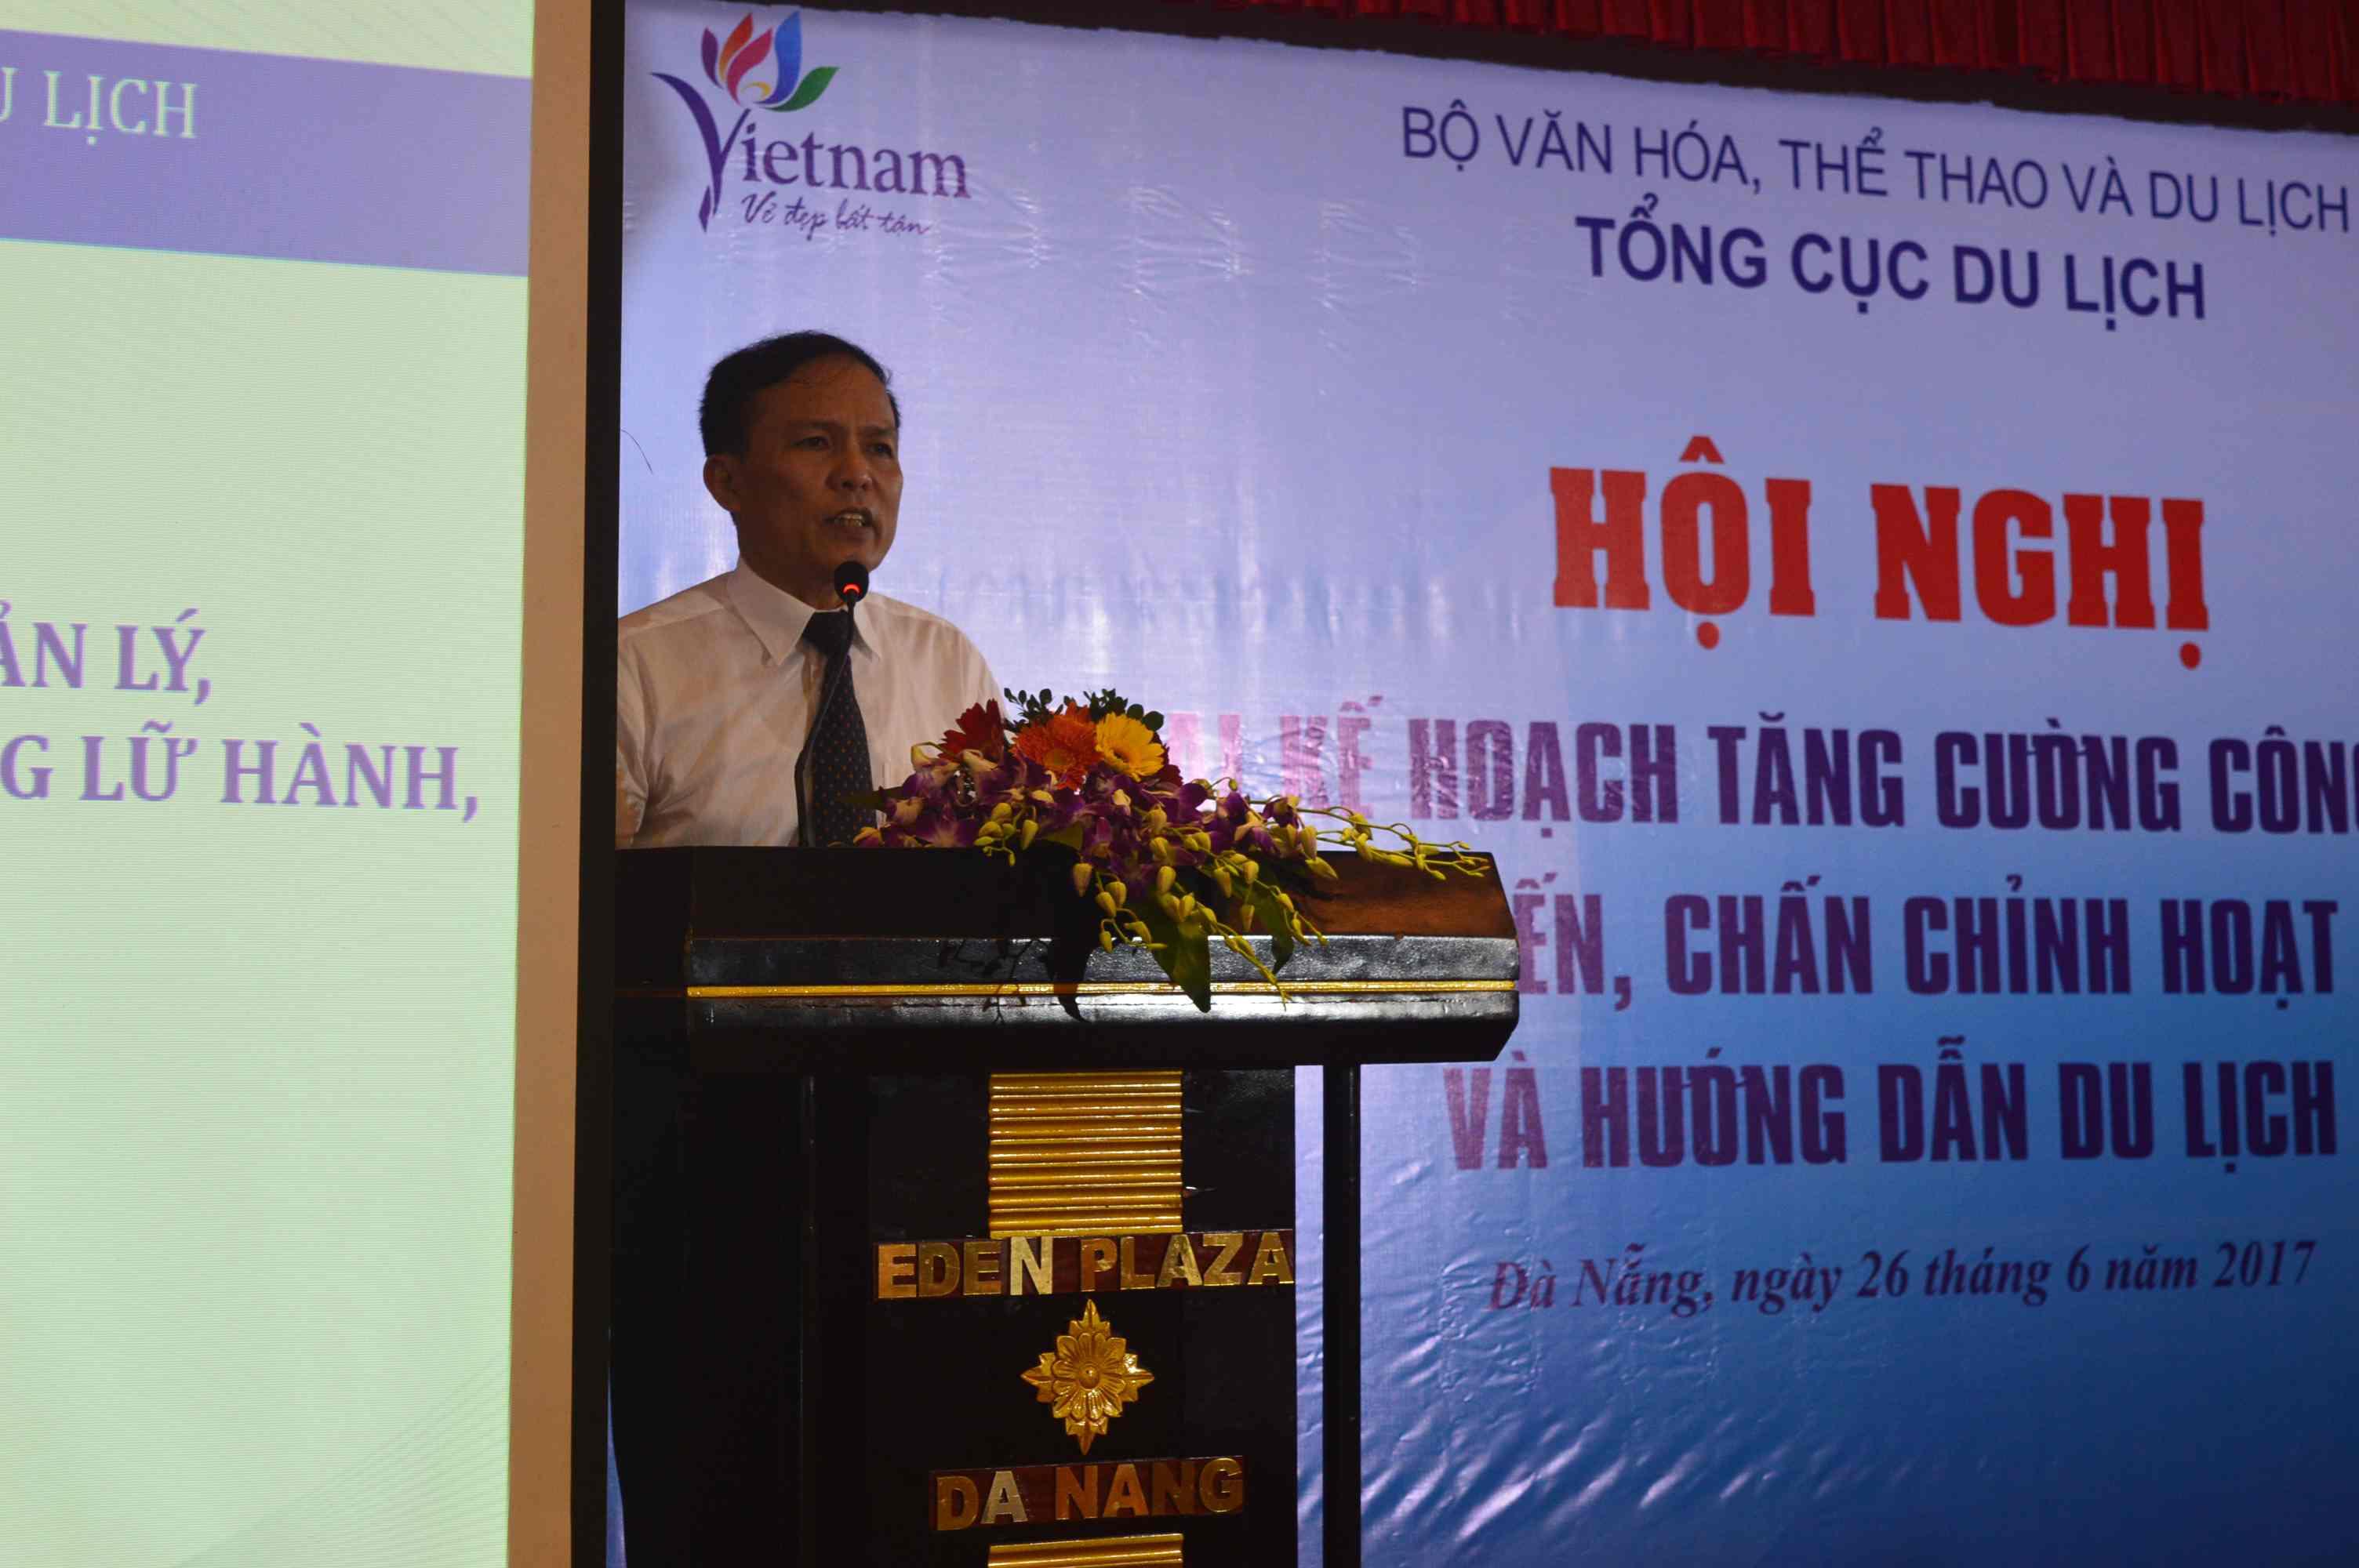 Tổng cục Phó Tổng cục Du lịch - Ngô Hoài Chung phát biểu tại hội nghị. Ảnh: Q.T